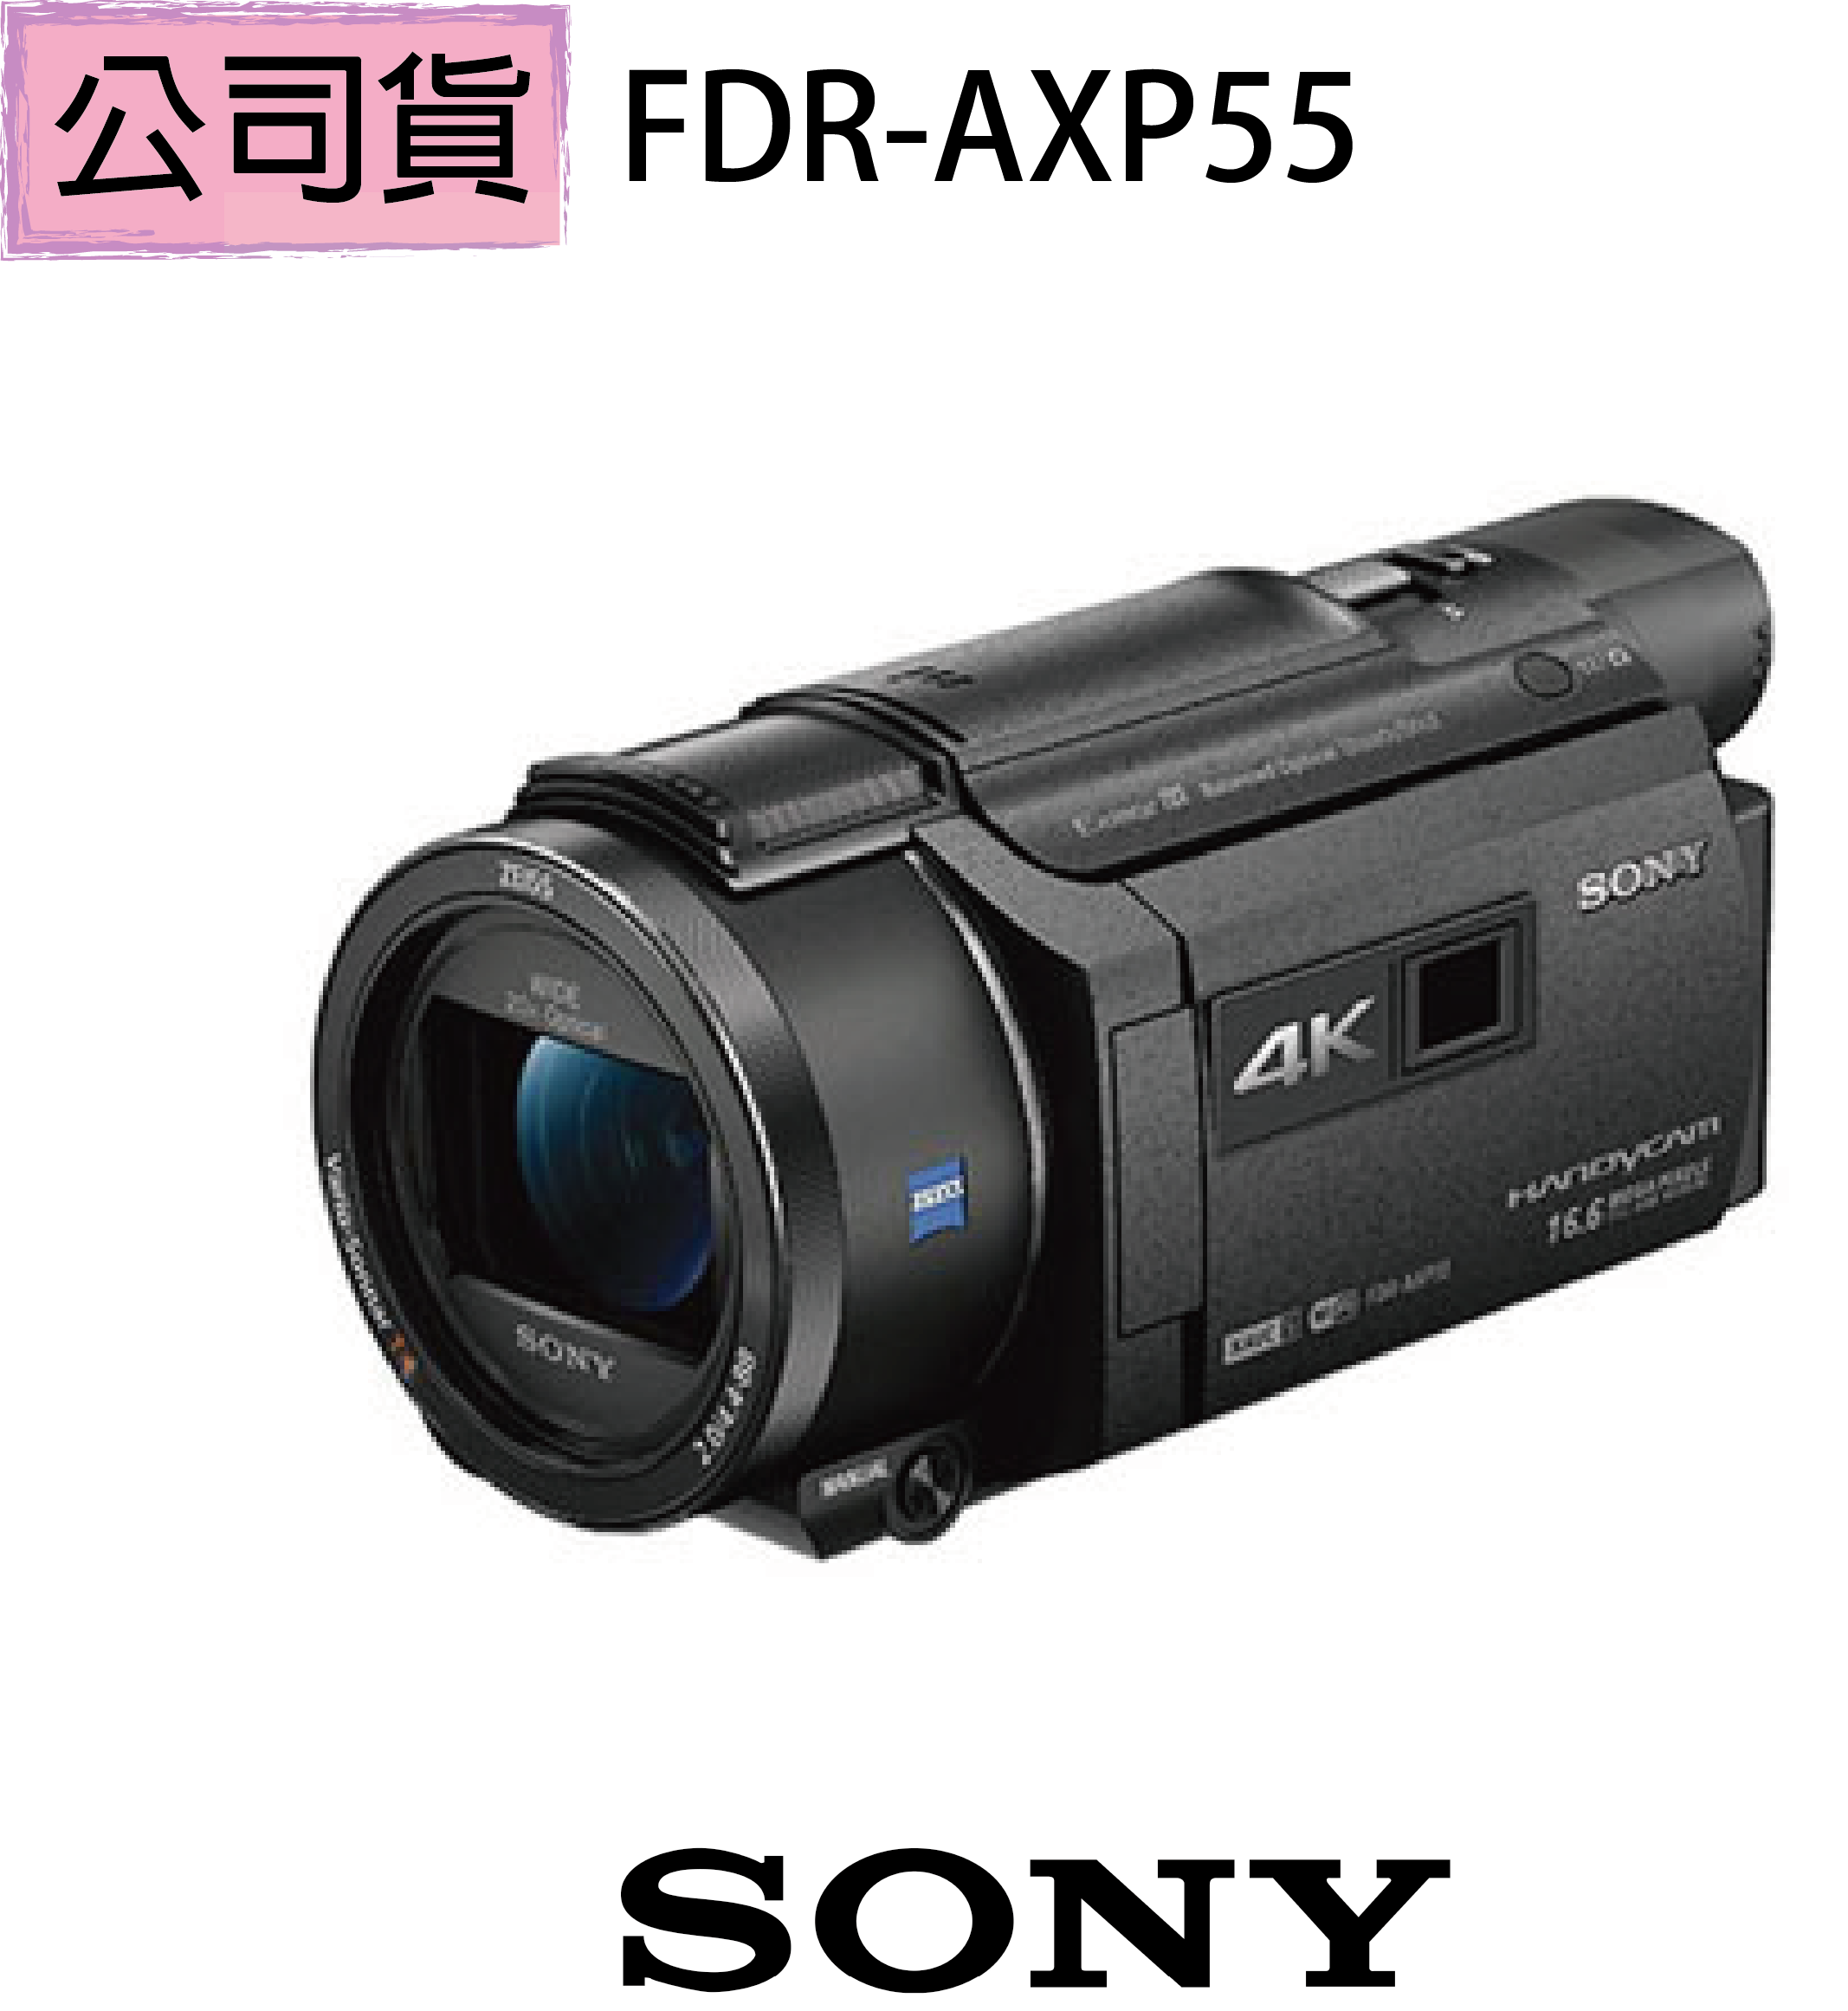 贈【SanDisk 64G 長效電全配組】【SONY】FDR-AXP55 高畫質投影攝影機 (公司貨)★11/6前 隨貨加贈 NP-FV100 原廠電池